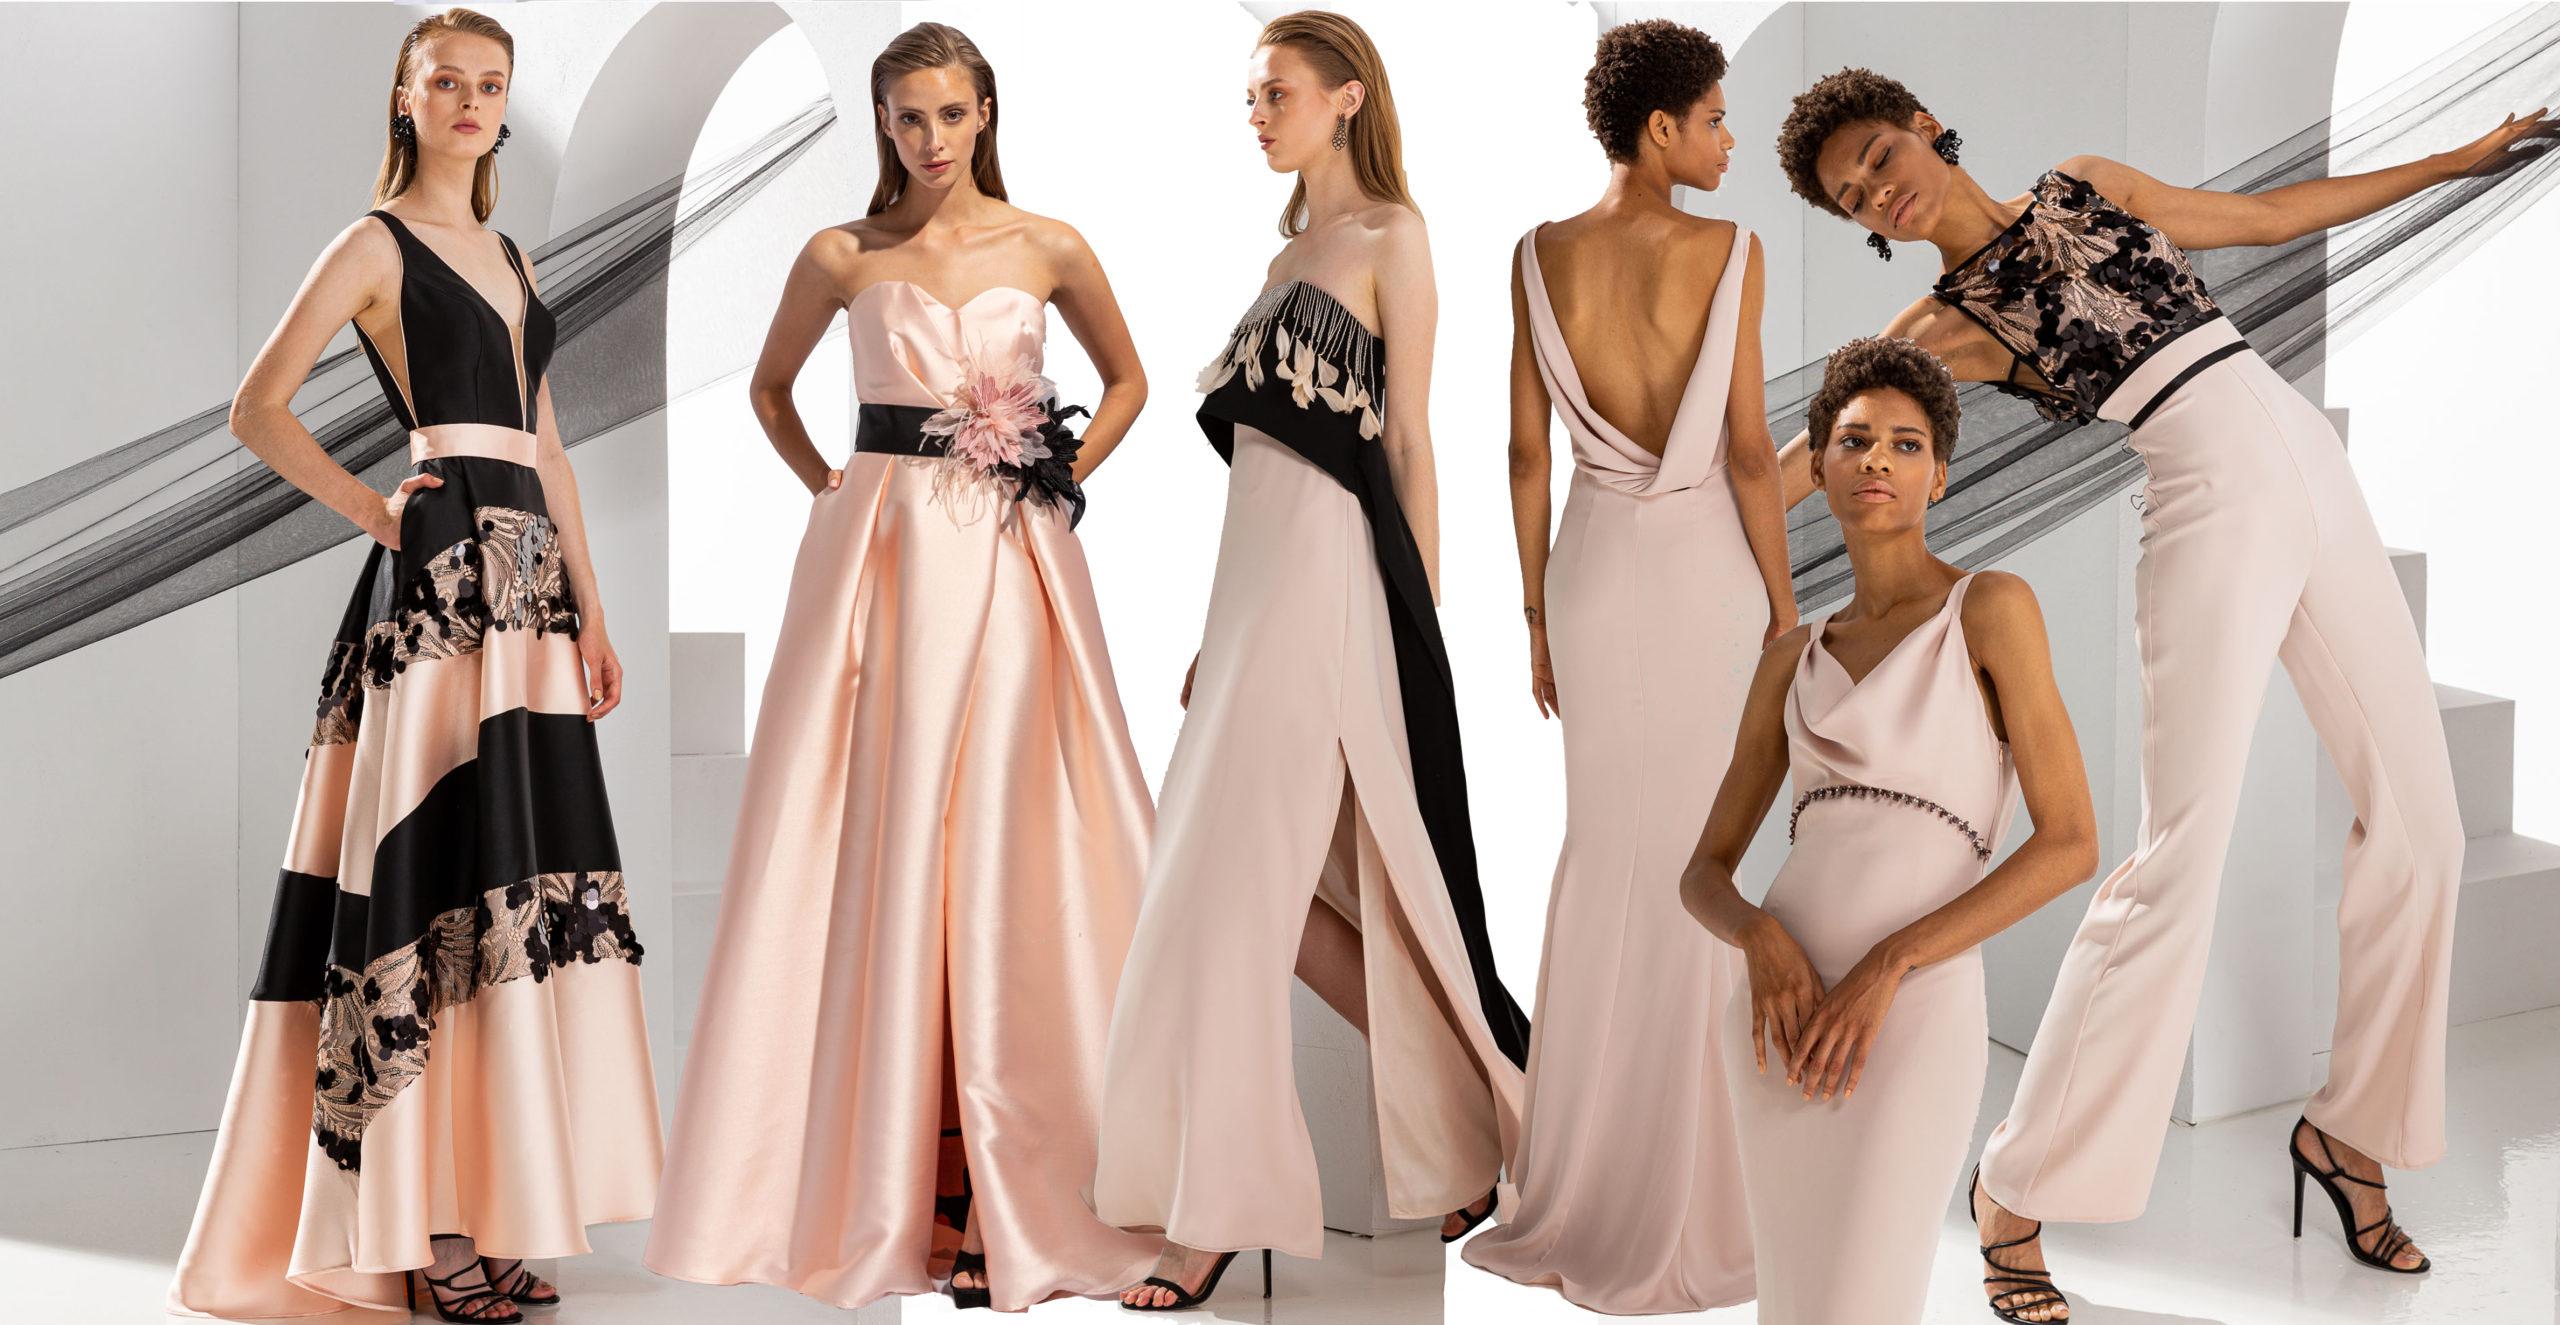 Tendenze moda 2020: Cipria e Nero Buzzitta Stile